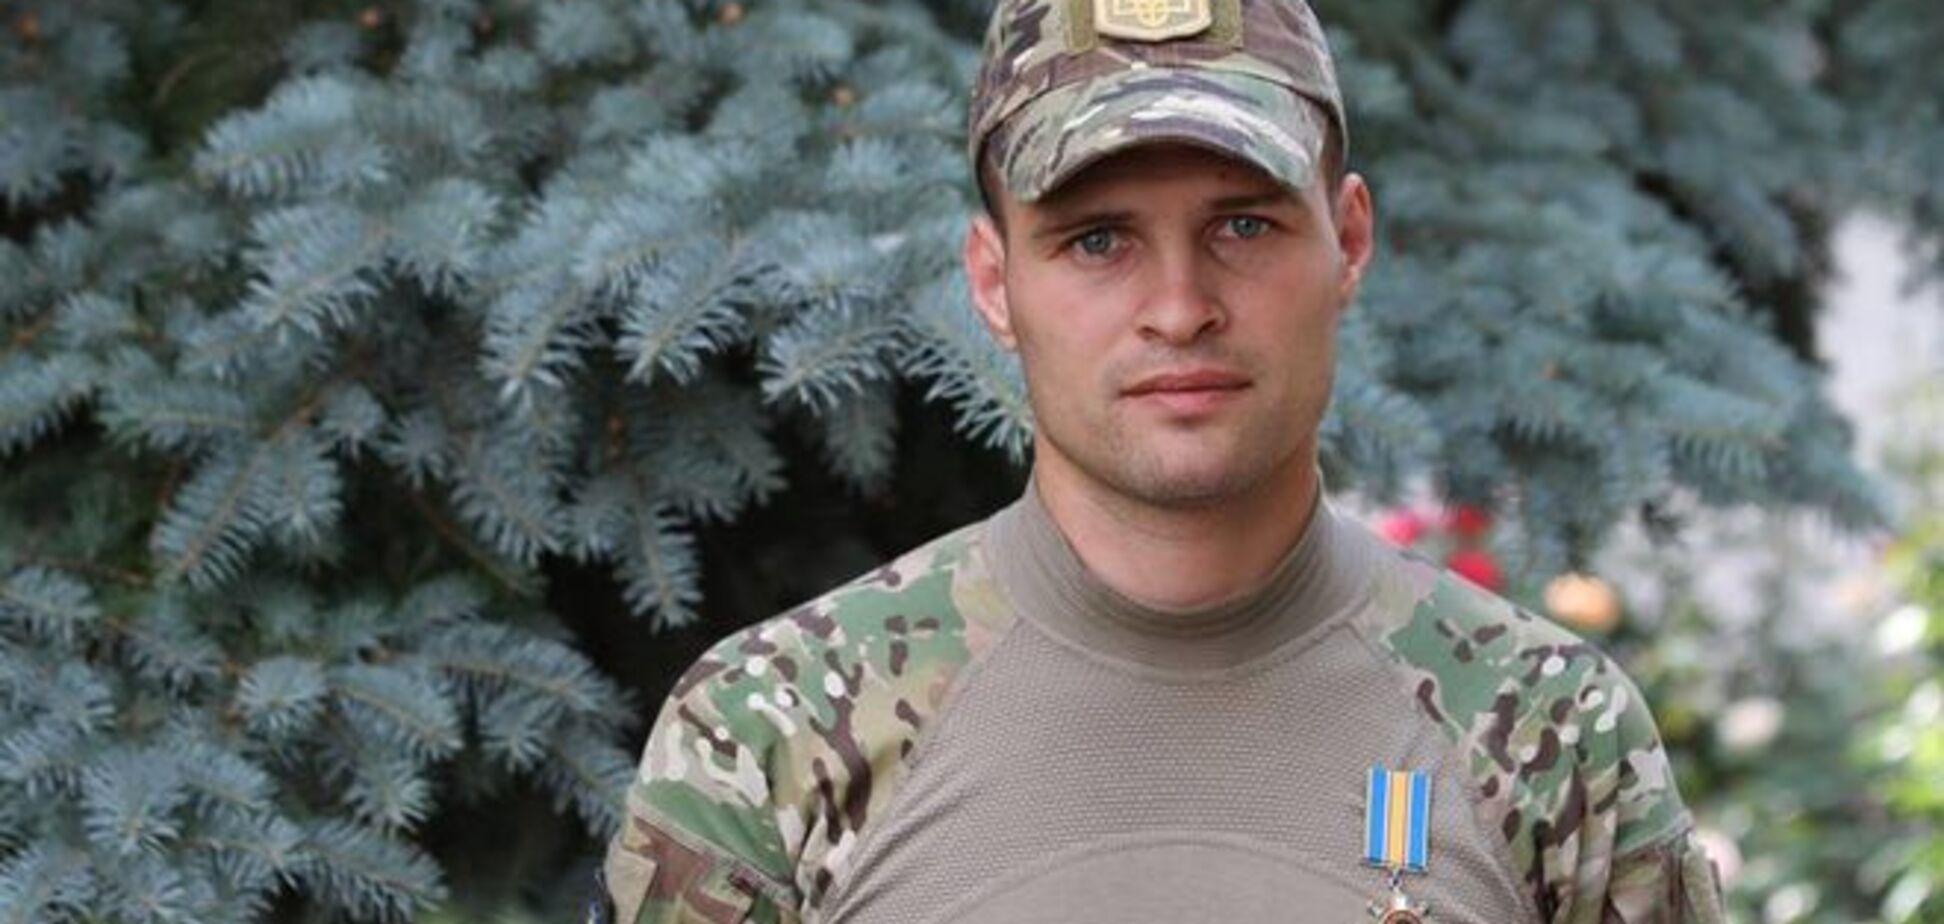 В сети появились личные фото красавчика-руководителя патрульной службы Киева